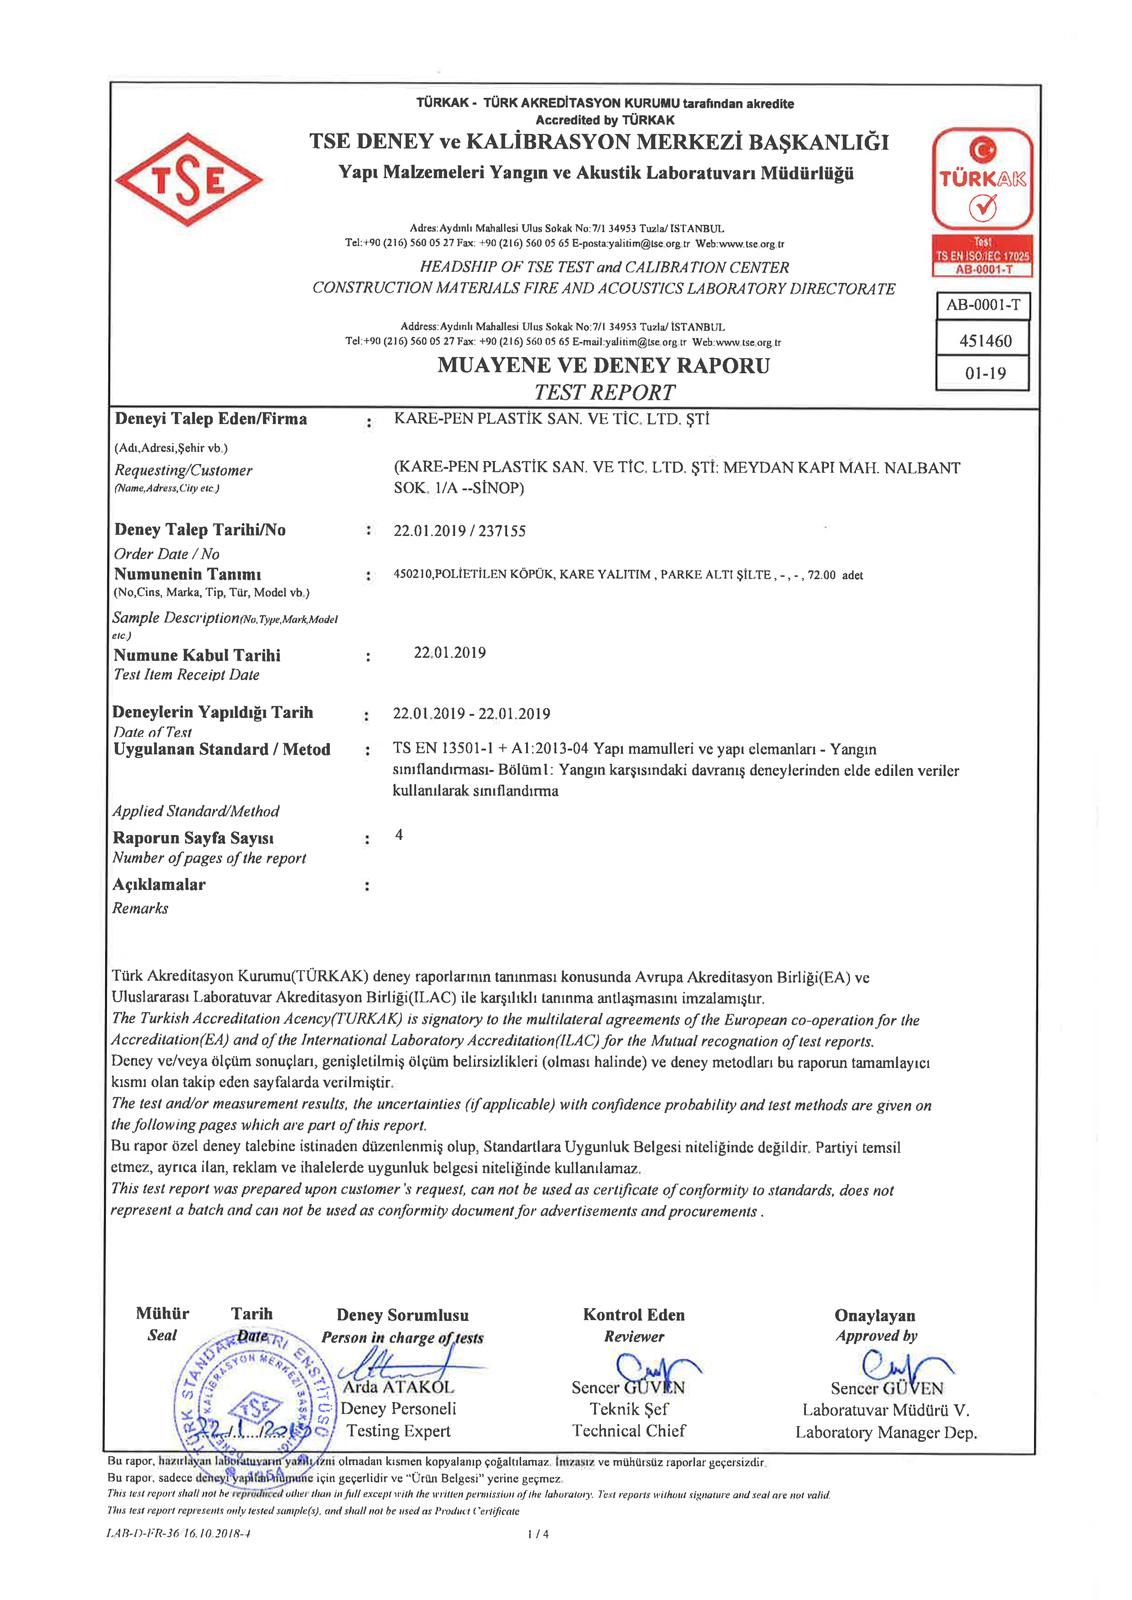 polietilen-kopuk-parke-alti-silte-rapor-2